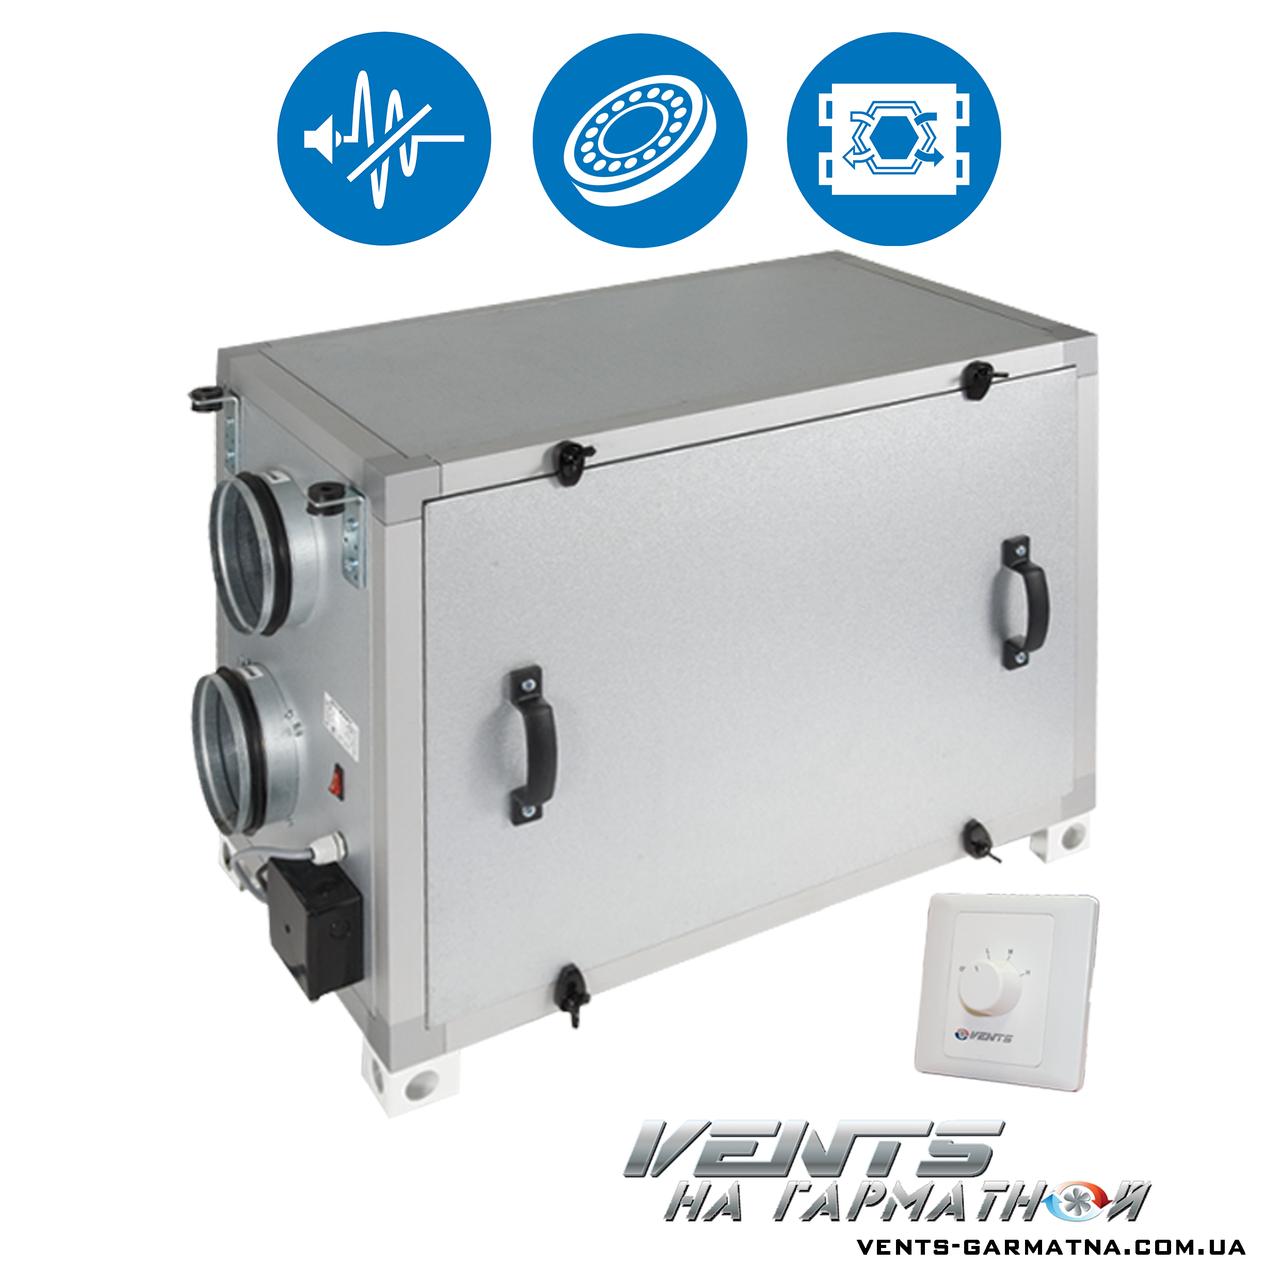 Вентс ВУТ 500 Г. Приточно-вытяжная установка с рекуператором.